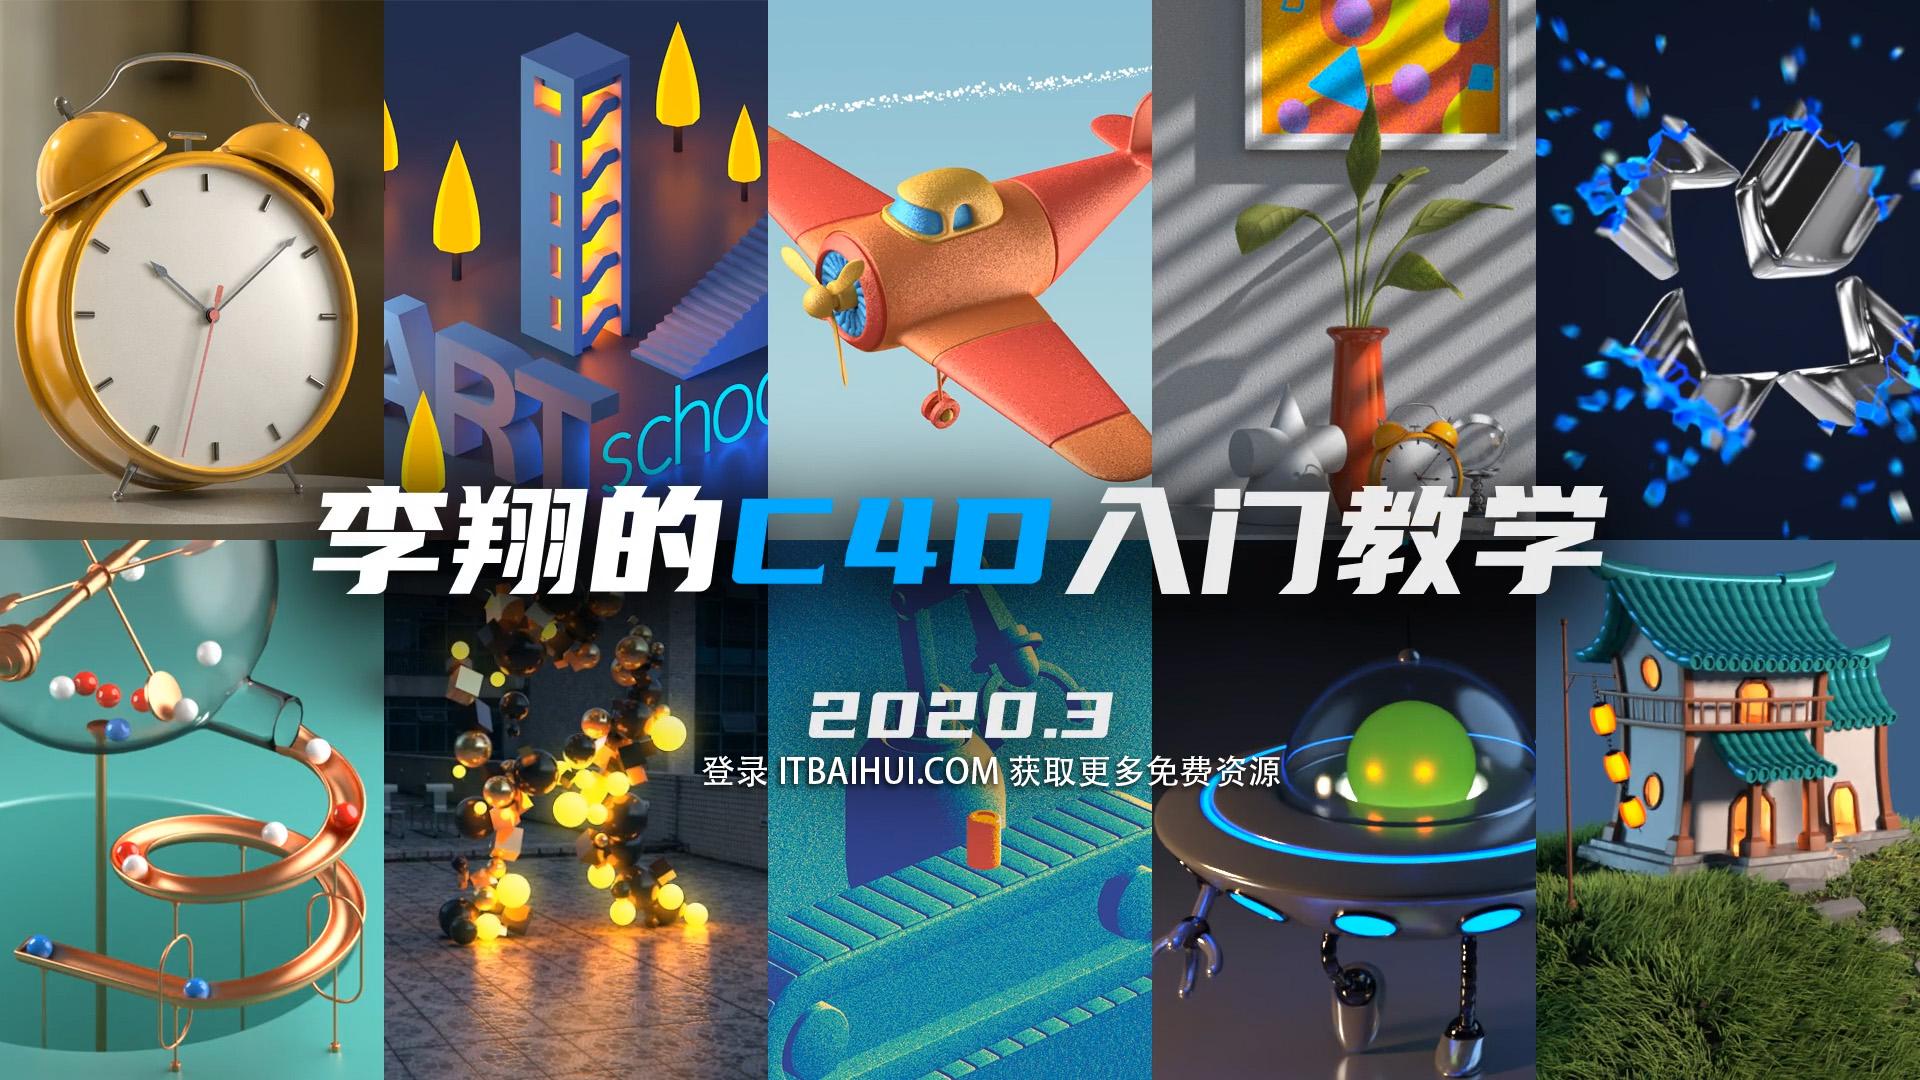 C4D入门视频教程-it百汇网